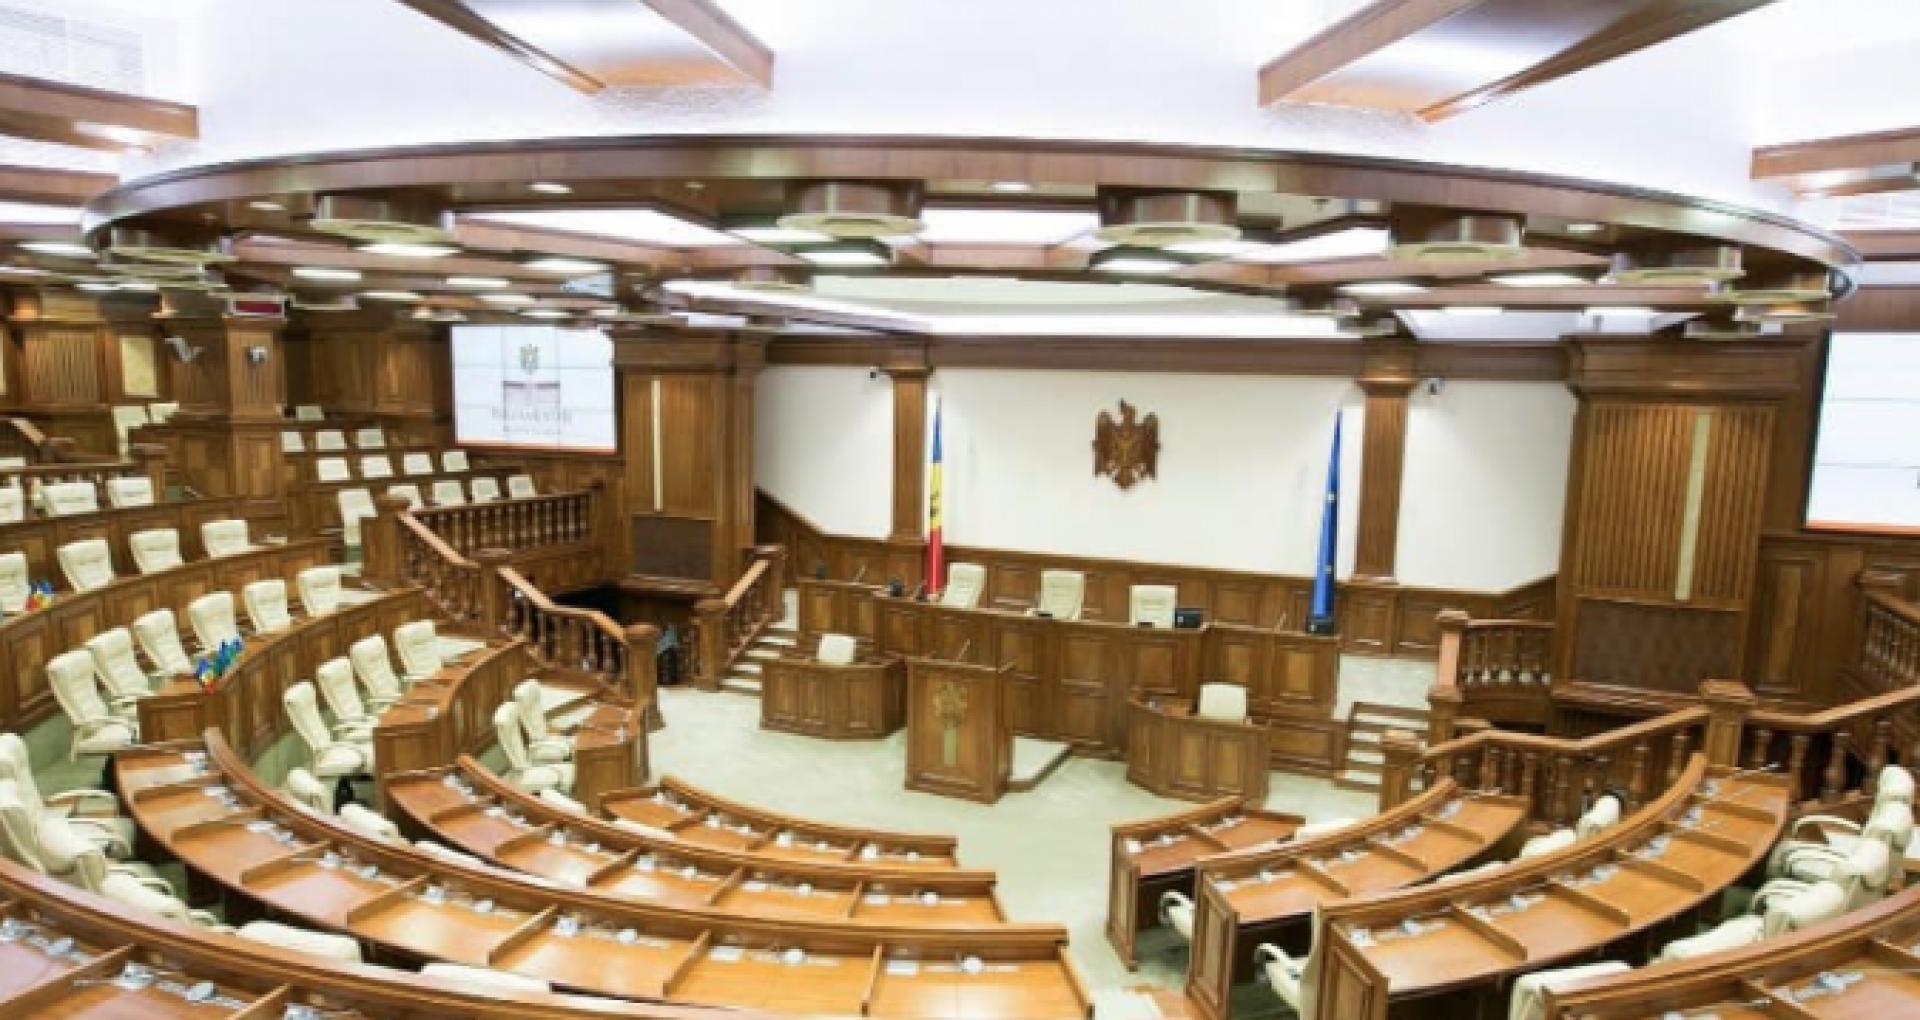 Sondaj WatchDog și Institutul de Politici Publice. Numărul partidelor care ar accede în Parlament, dacă duminica viitoare ar avea loc alegeri: un partid ar obține 50%